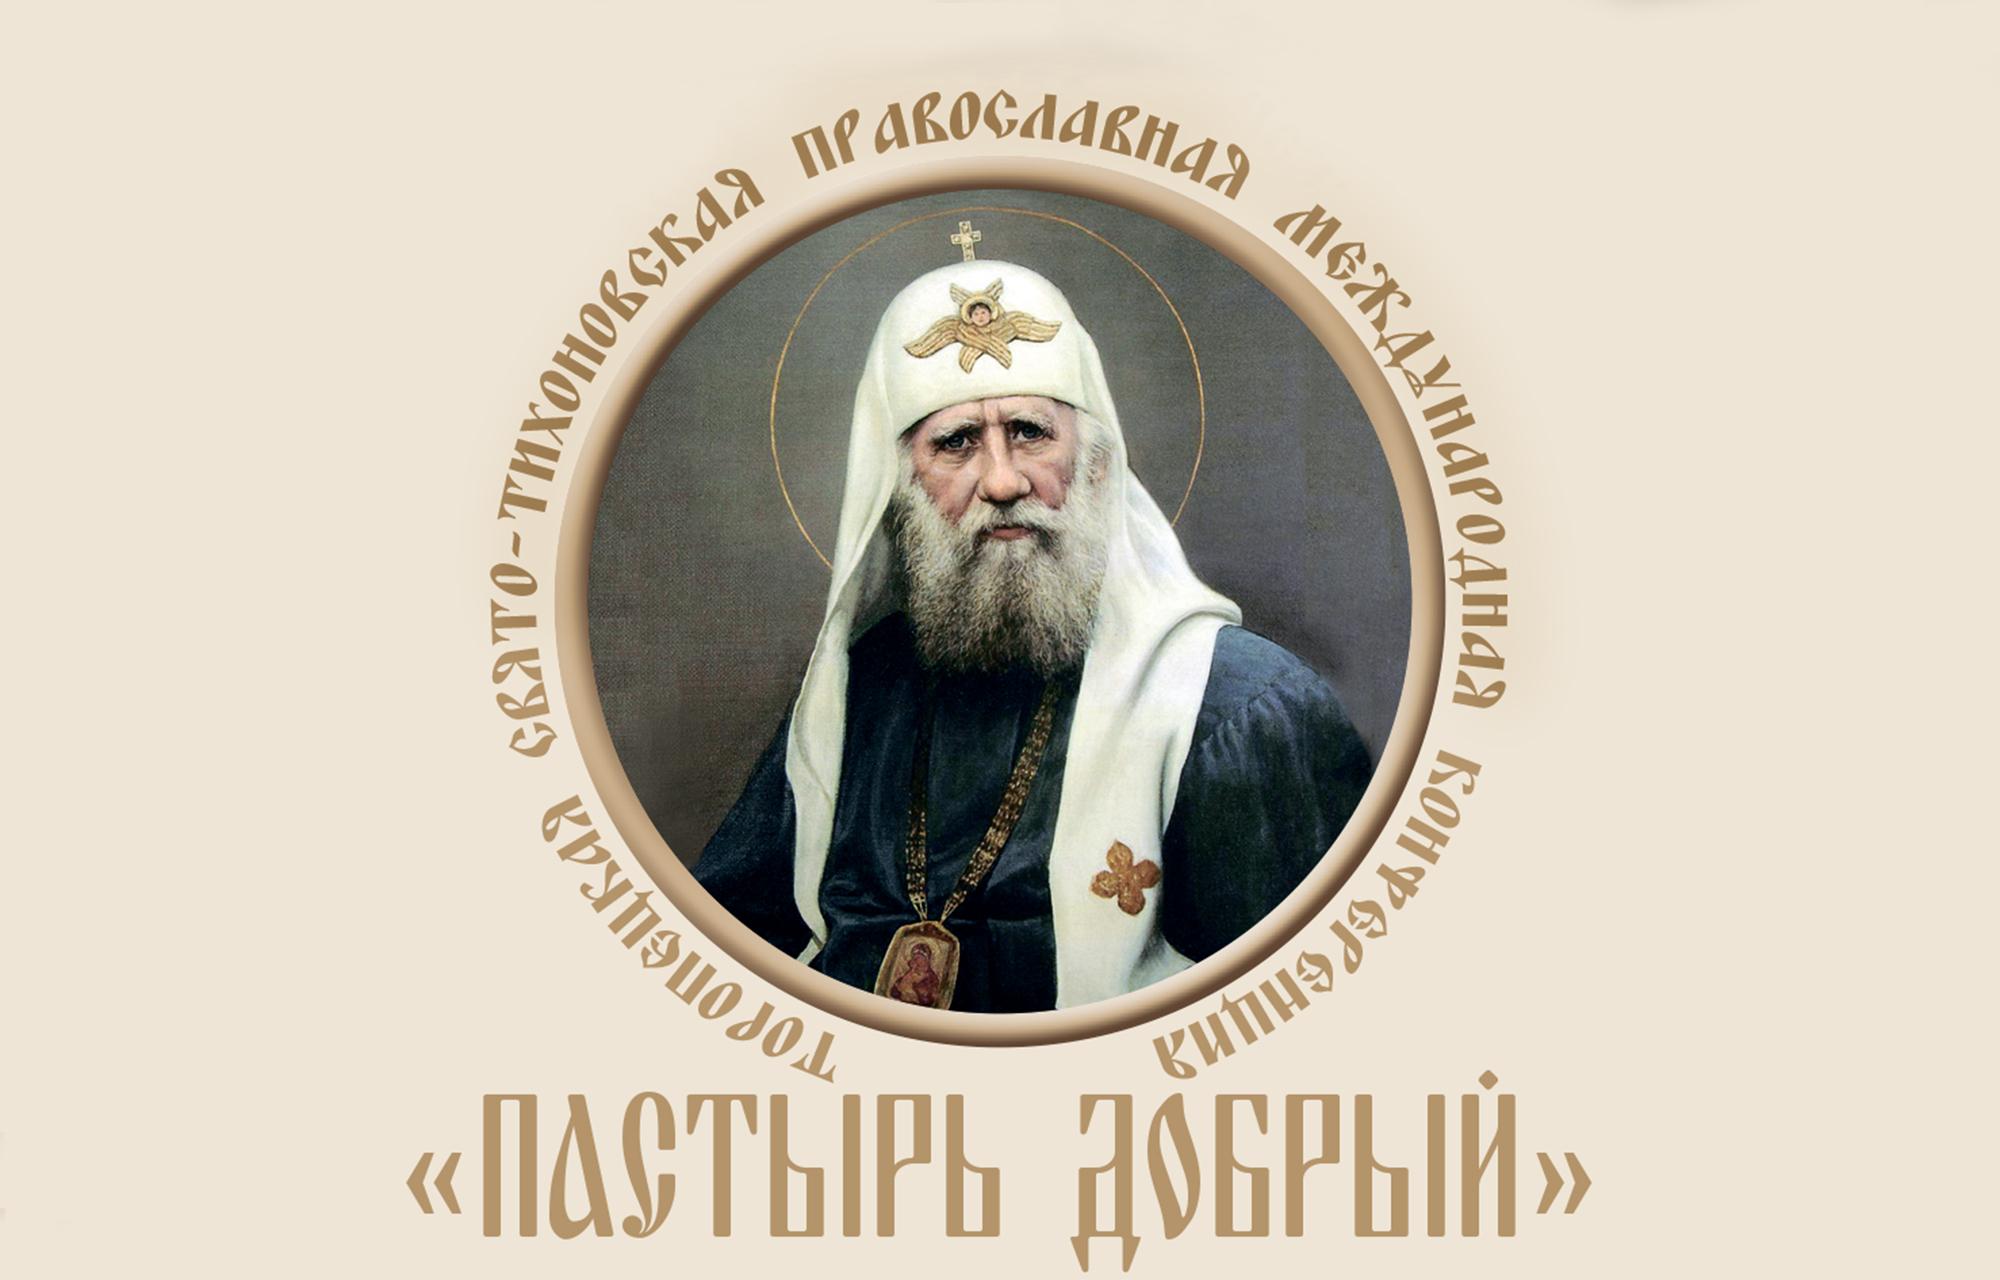 Конференция «Пастырь добрый» стартовала в Тверской области в формате онлайн